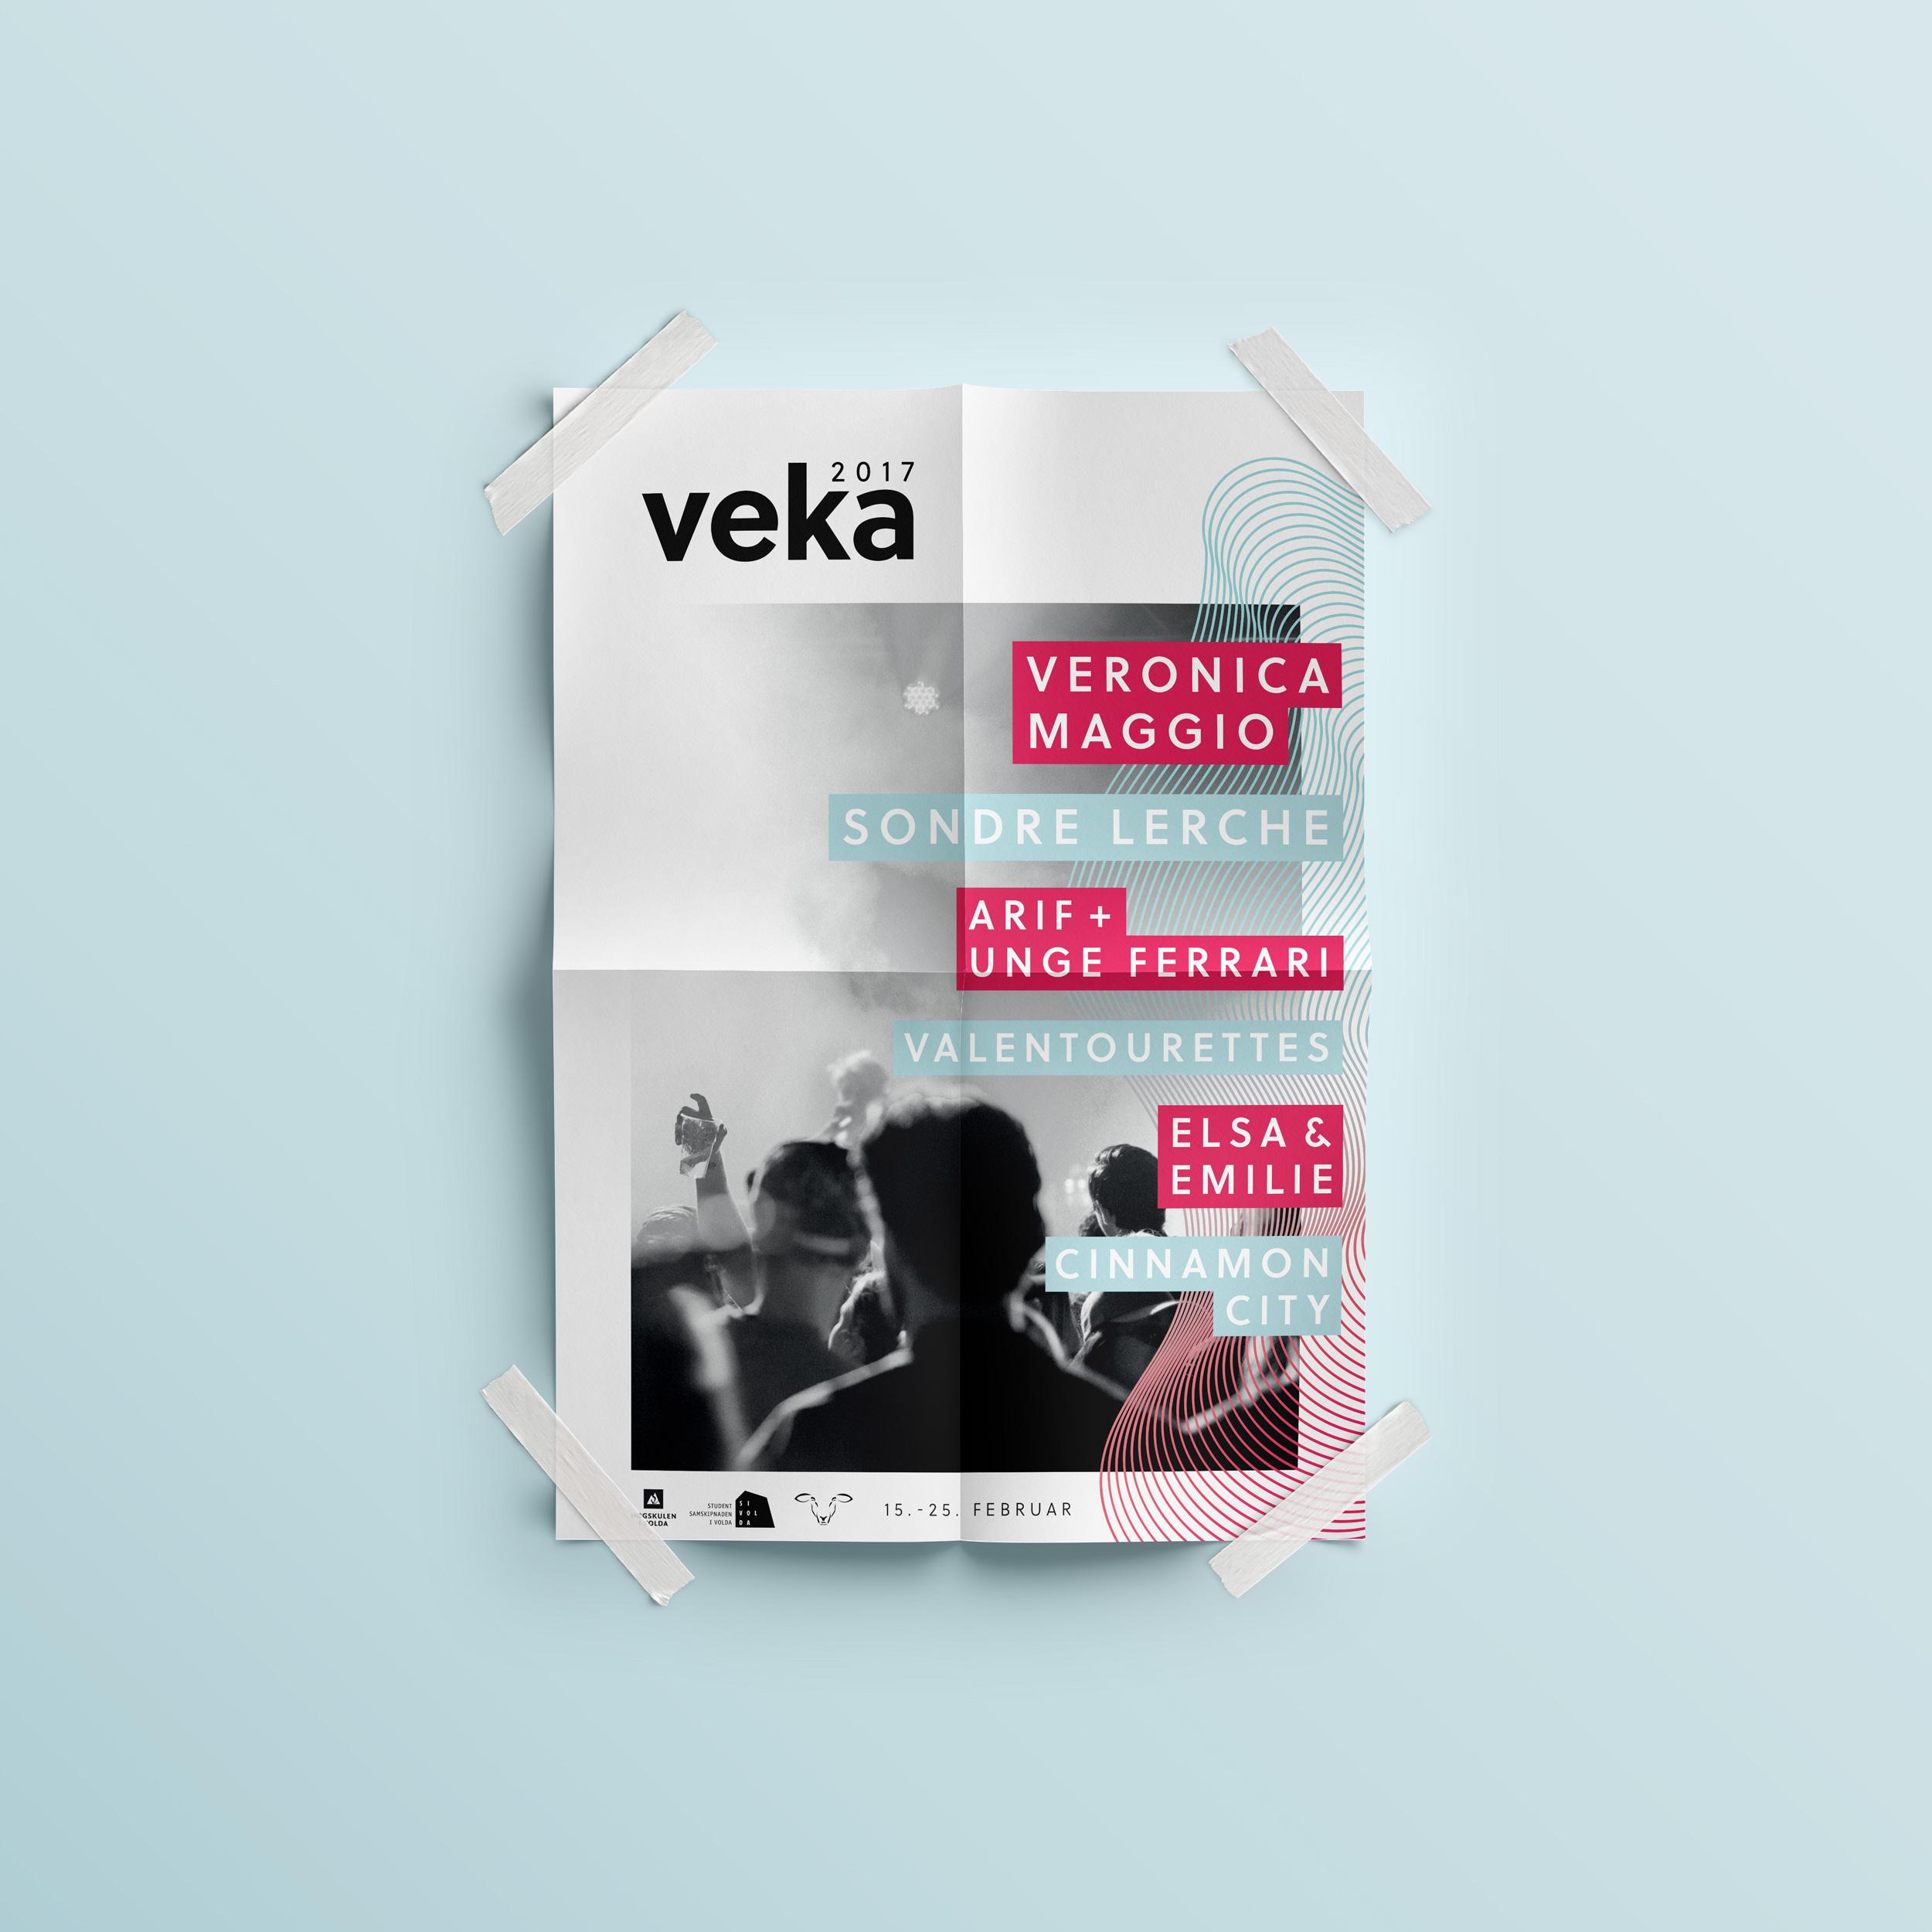 veka_plakat.jpg